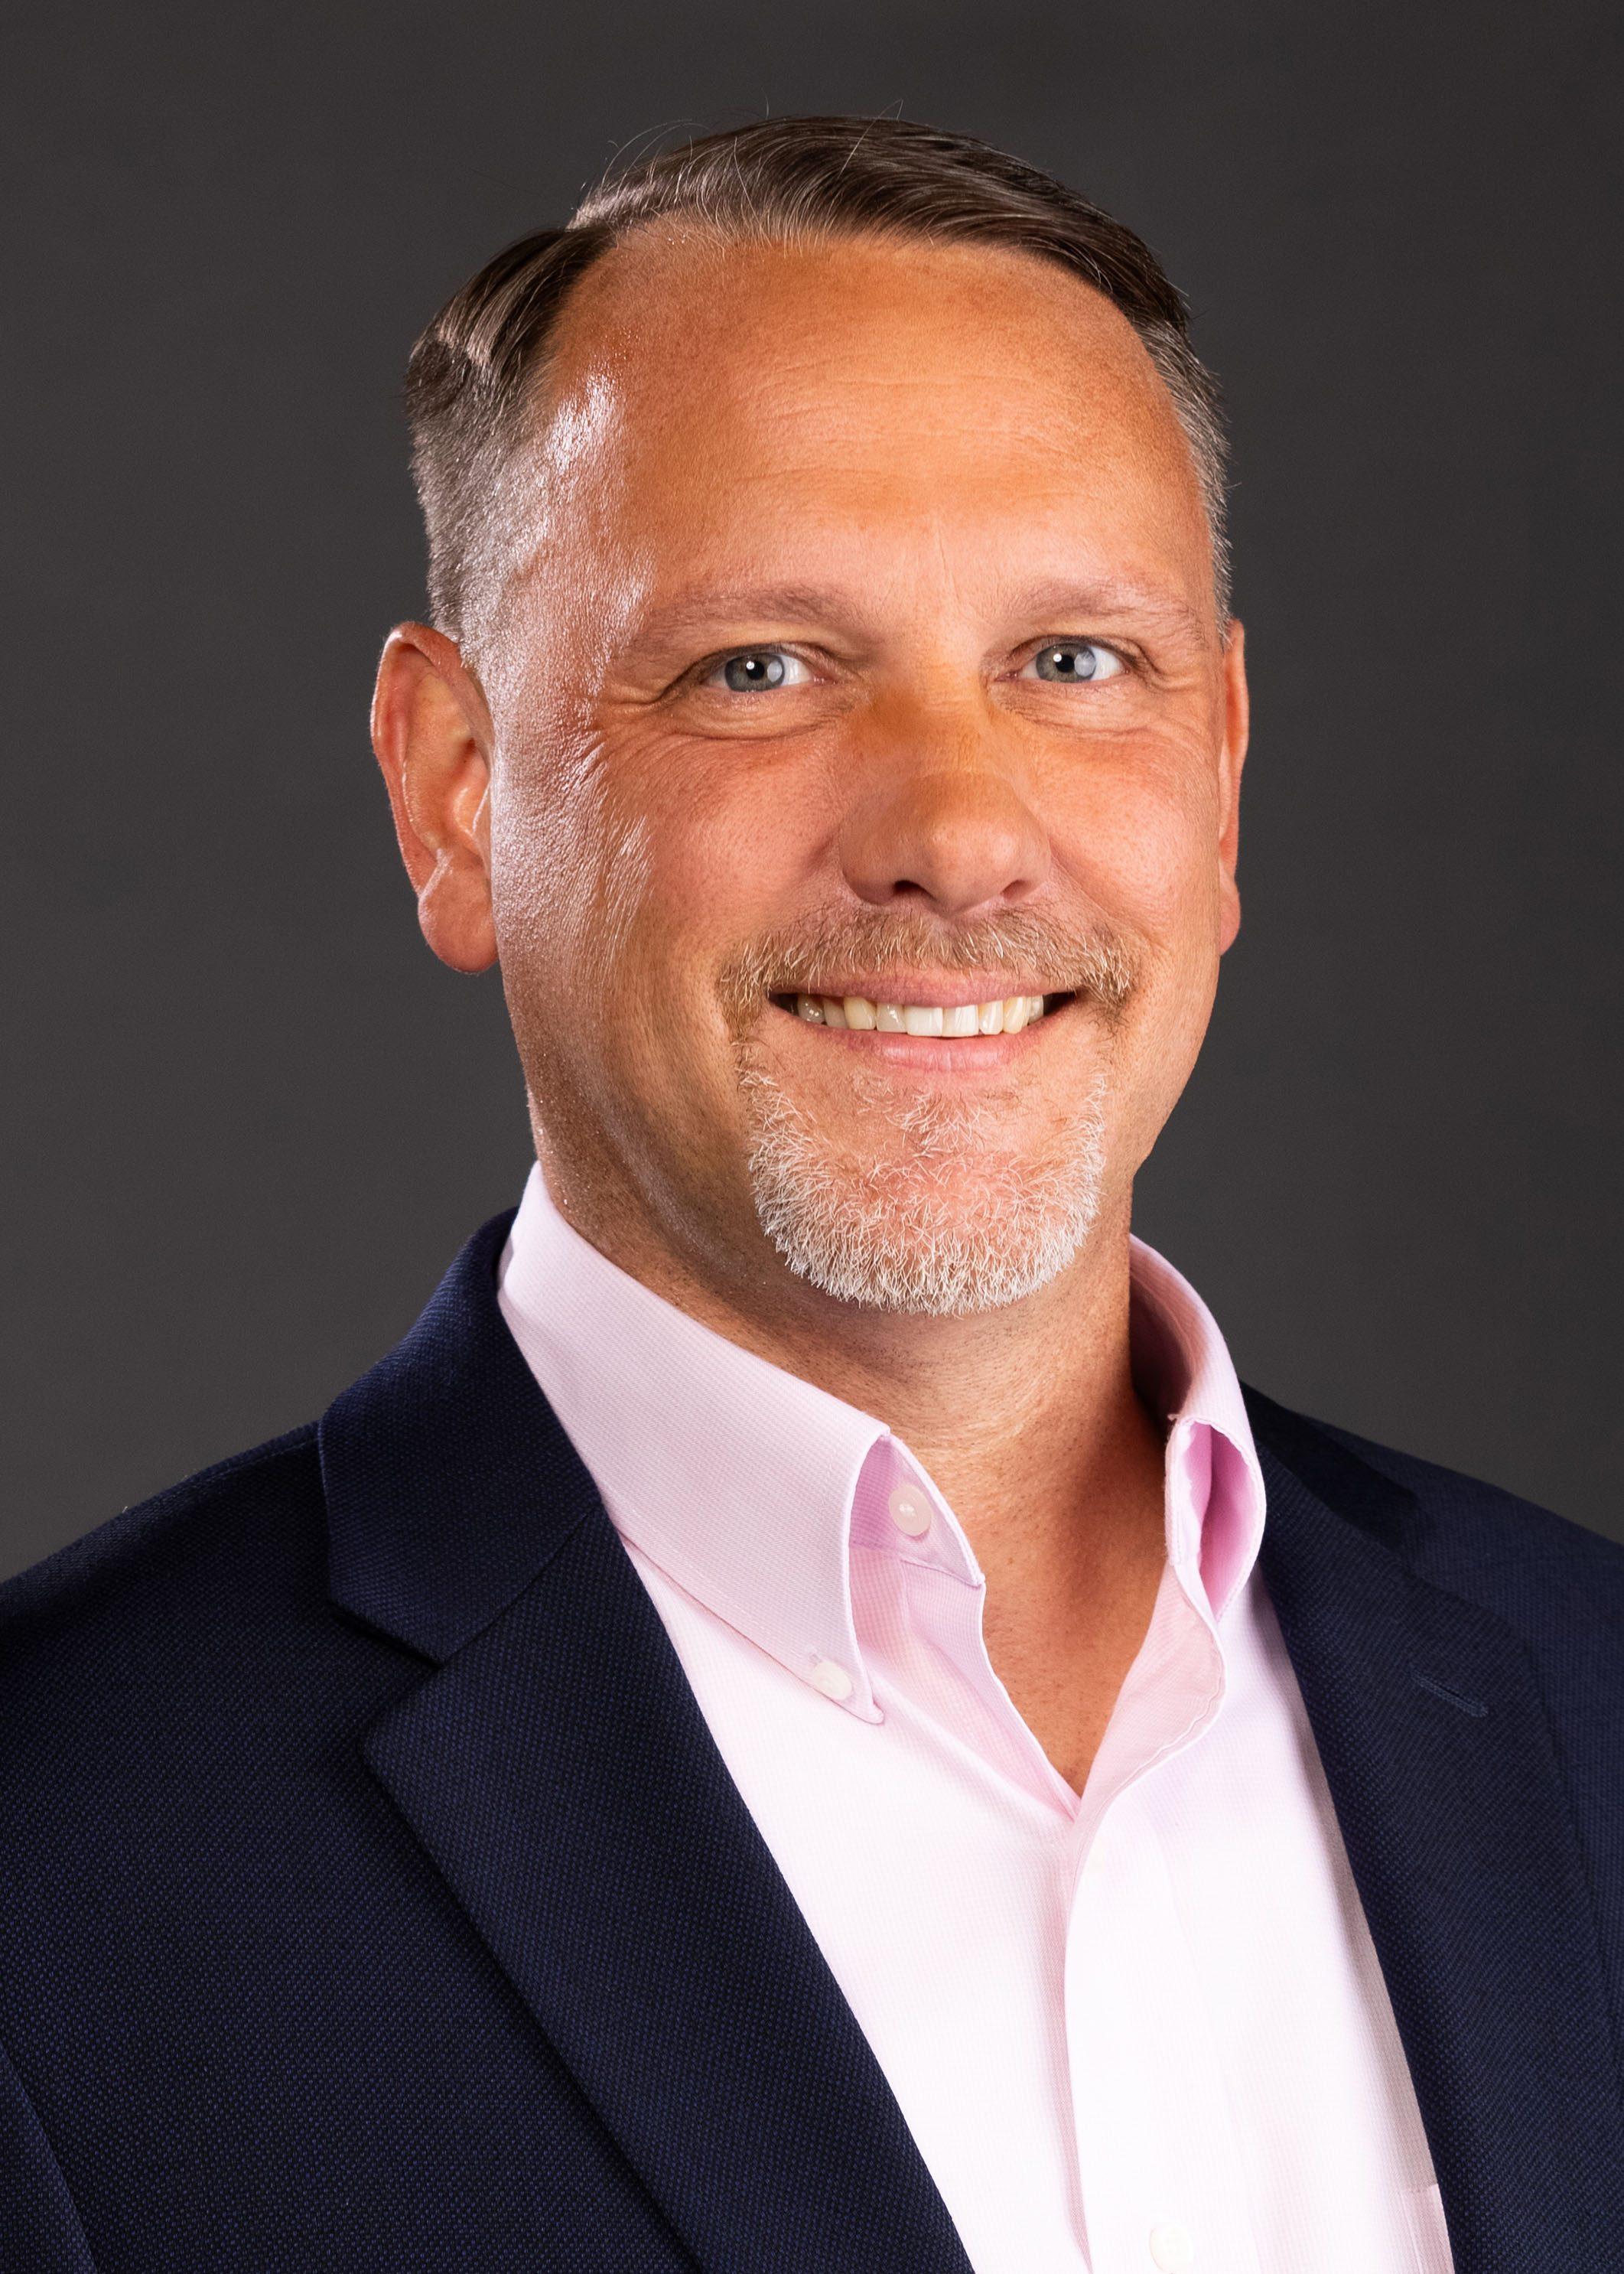 Matthew C. Ebersold profile picture